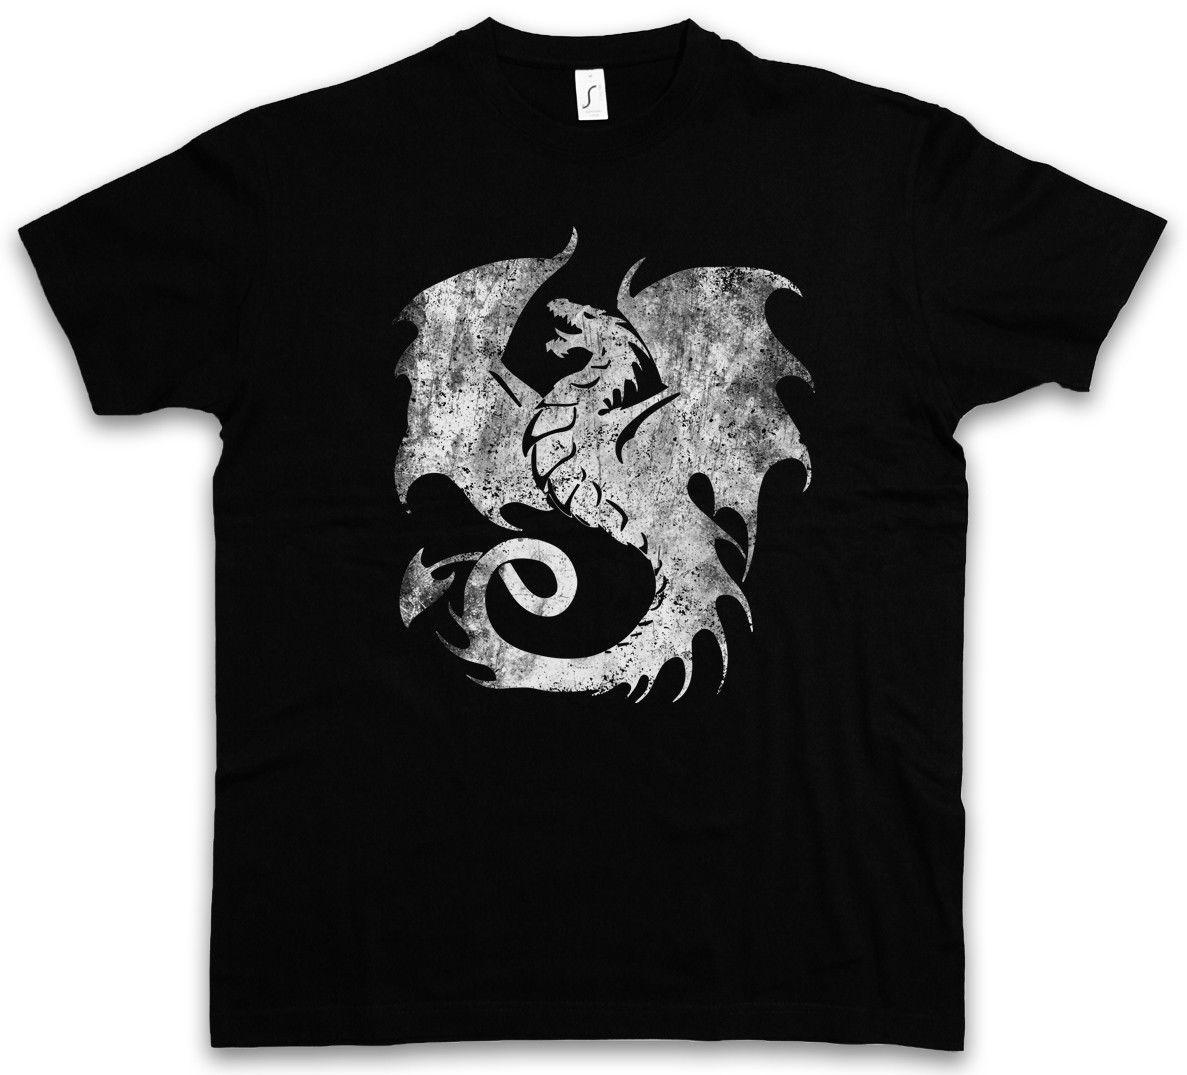 Camiseta dragão v tatuagem monstro medieval japonês ásia dungeon cavaleiro novidade legal encabeça manga curta t camisa masculina